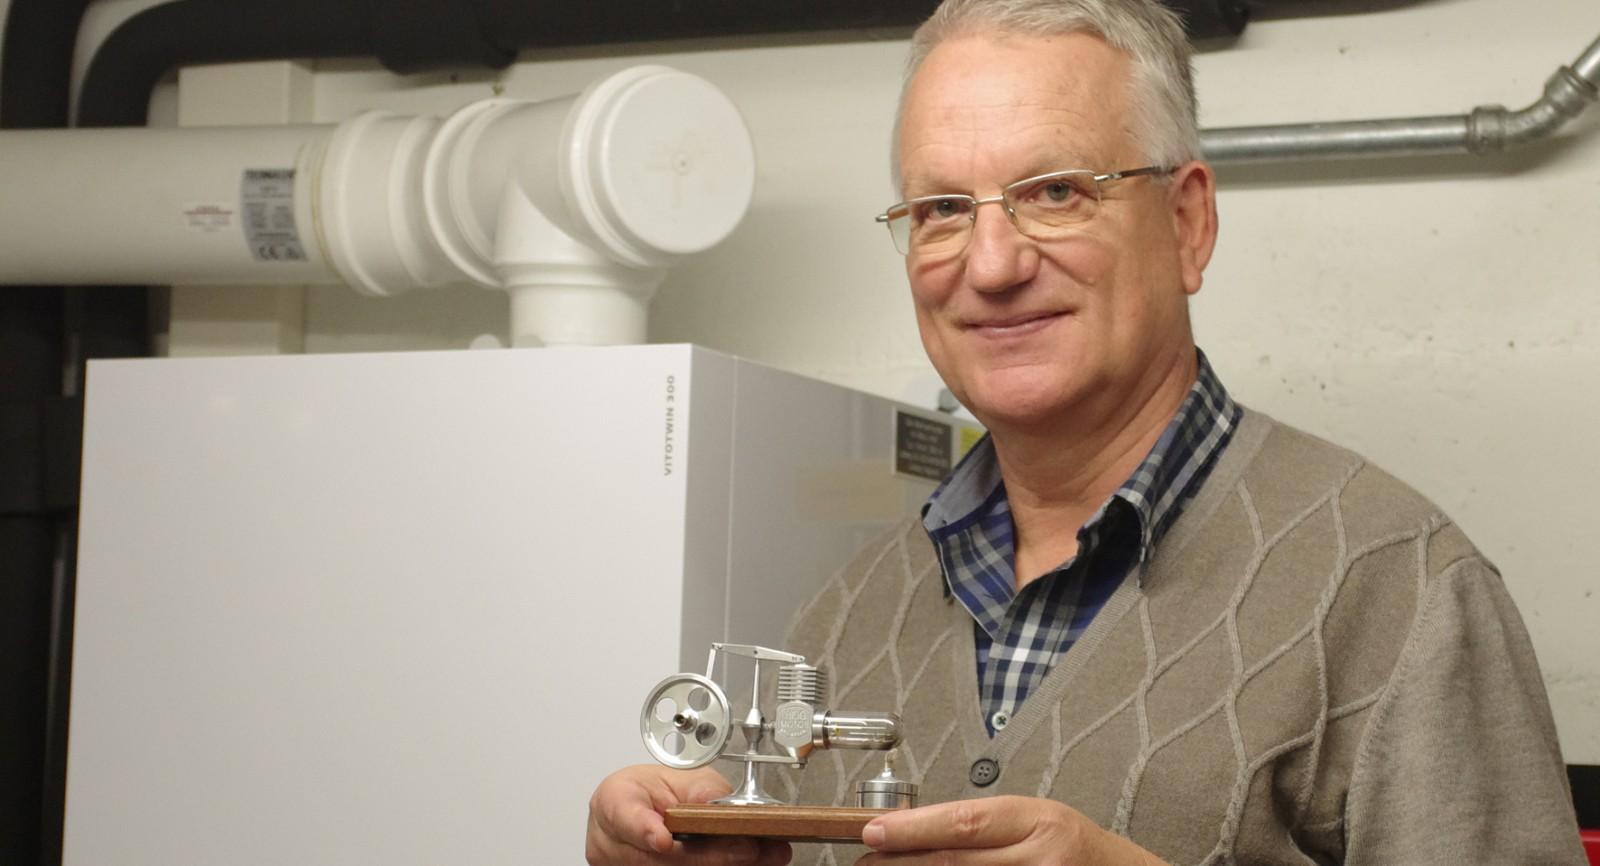 Hans Pauli, Mitgründer des Schweizerischen WKK-Verbands und Vorstandsmitglied von V3E, ist vom Stirling-Konzept überzeugt. Vor drei Jahren liess er ein entsprechendes Gerät in seinem Zweifamilienhaus einbauen.